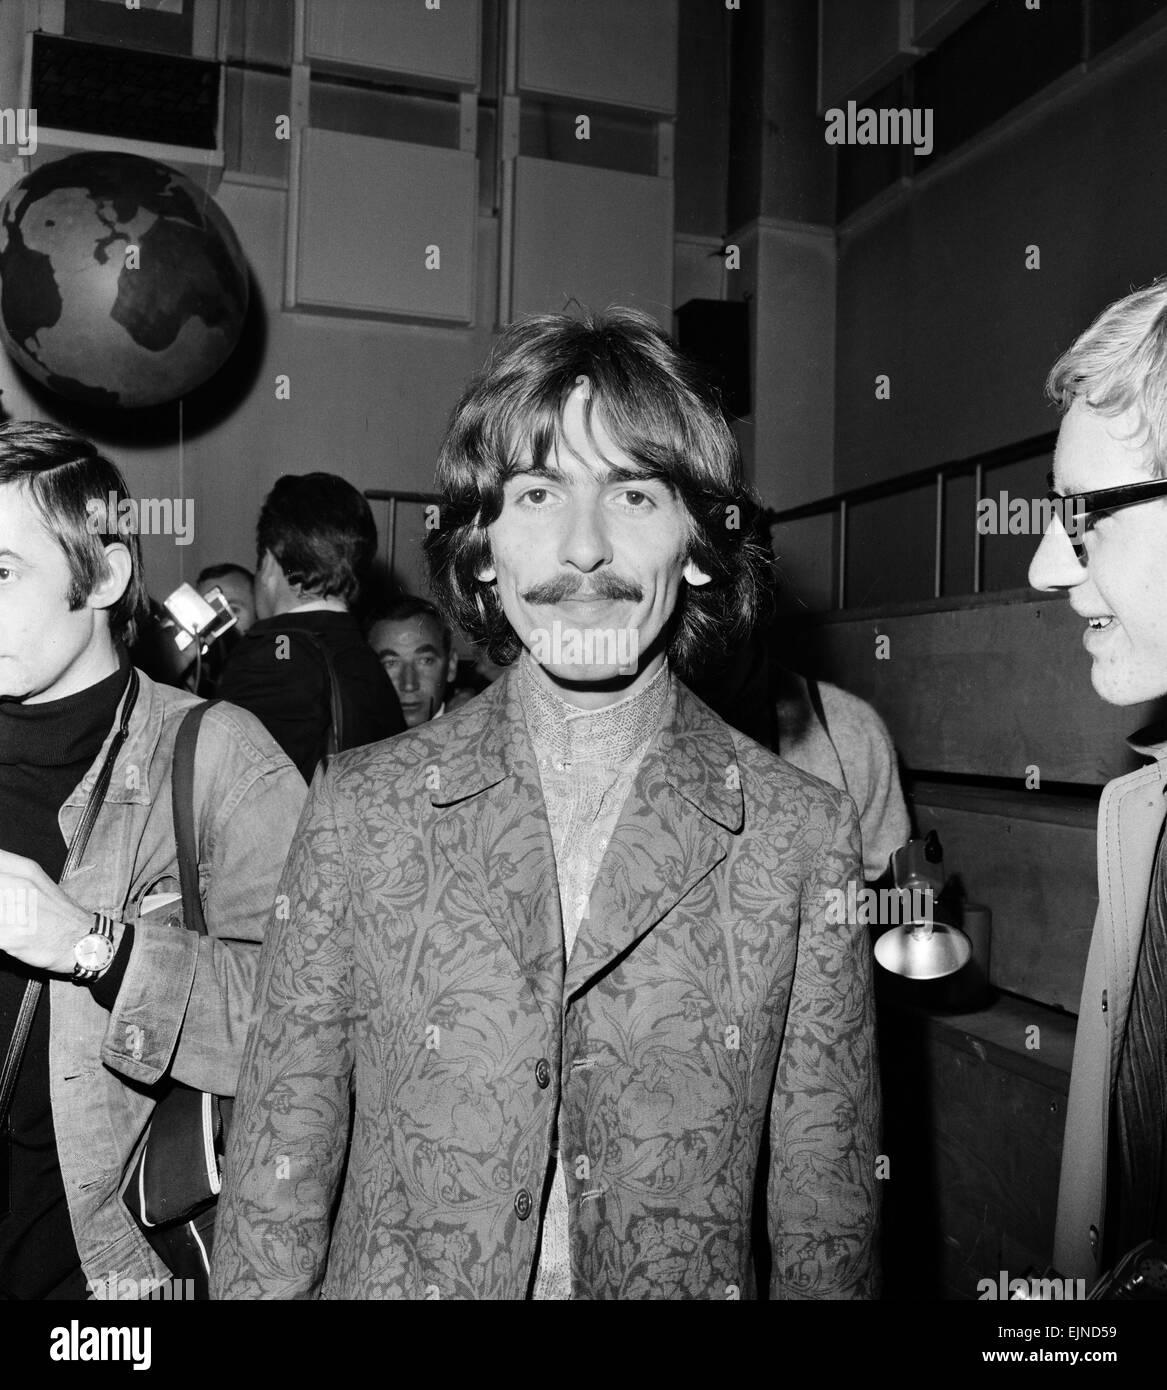 """Appuyez sur appel pour notre monde, le premier live global television lien. Diffusée dans 26 pays et regardé par 400 millions de dollars, le programme a été diffusée par satellite le 25 juin 1967. La BBC a commandé les Beatles d'écrire une chanson pour l'est la contribution du Royaume-Uni. 'All You Need Is Love"""" une chanson écrite par John Lennon et créditée Lennon/McCartney a été créé par les Beatles lors de cet événement et sorti en single le mois suivant. Photographié à Abbey Road Studios 24 juin 1967. Banque D'Images"""